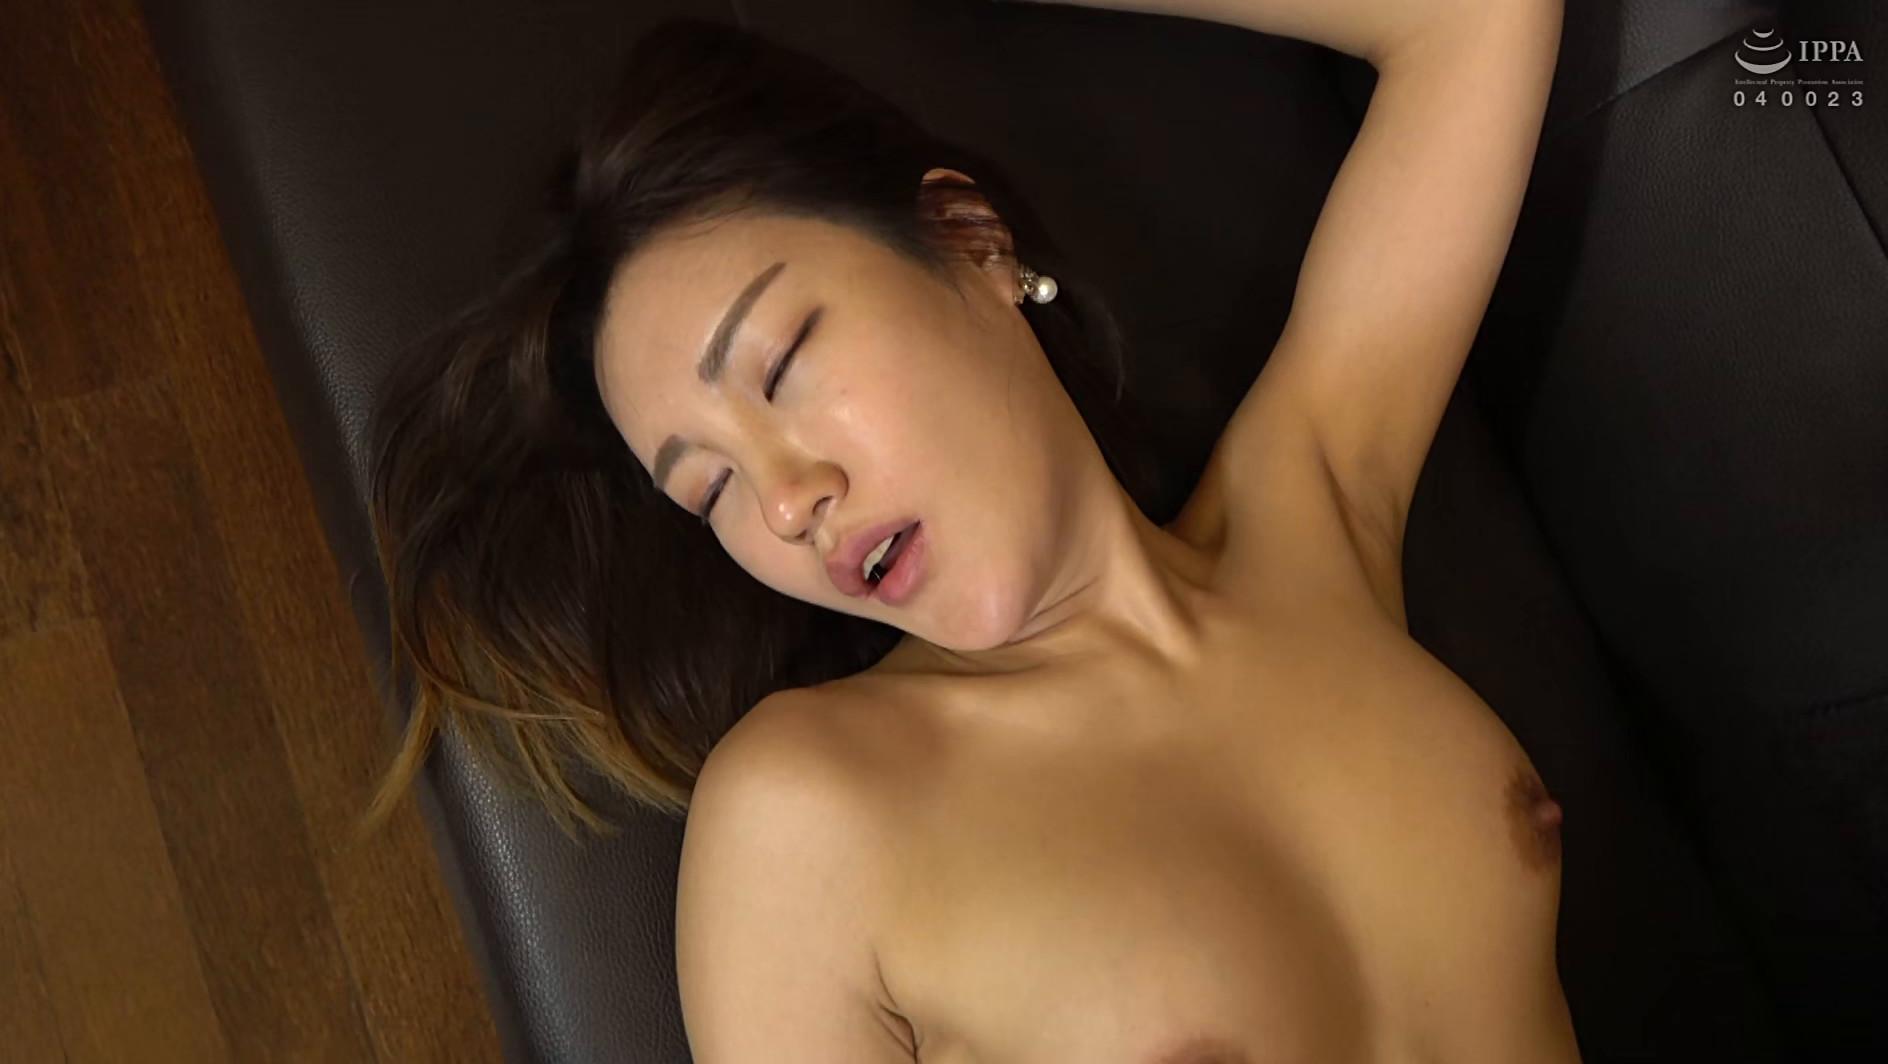 まるで設定6のスロットみたい!韓国で遭遇したヤリマン美女!セックスが好き過ぎて日本人のペニスに興味津々!圧倒的な美脚騎乗位でザー汁を絞り出されてスッキリ! 画像9